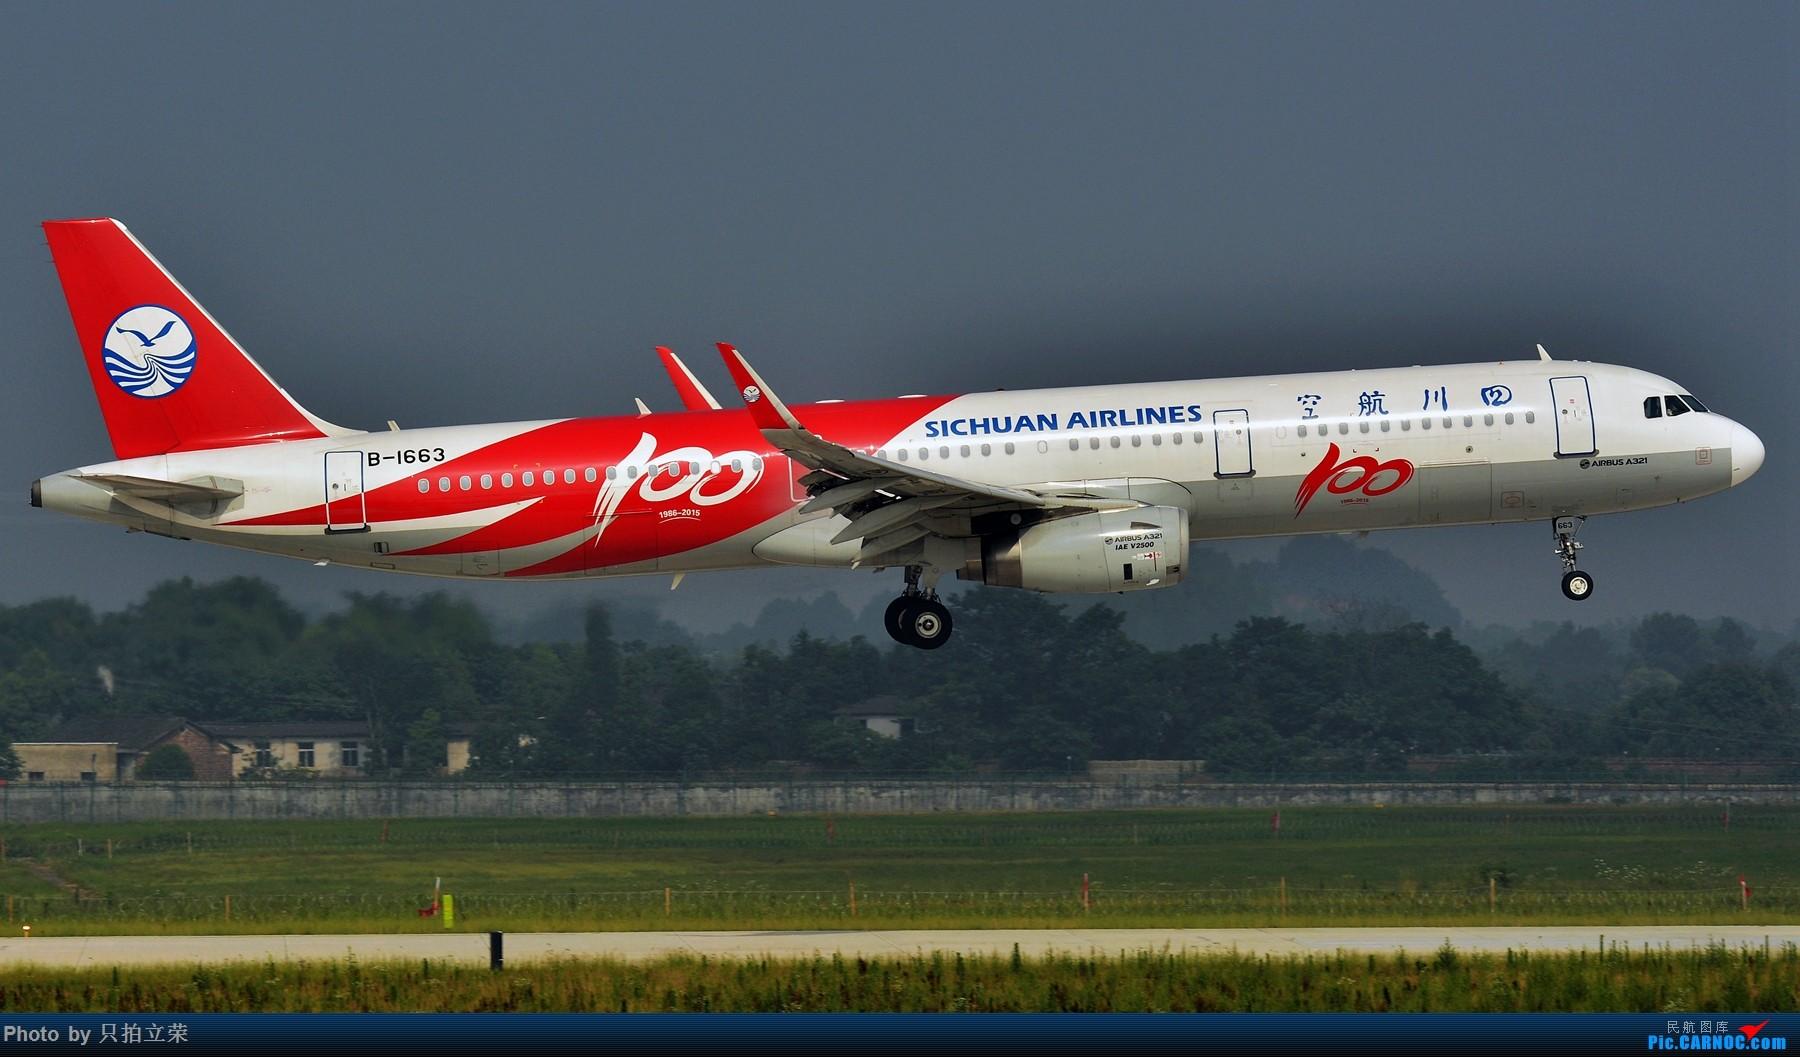 Re:[原创]湖南飞友会:存货,一组四川航空100号长沙黄花机场降落 AIRBUS A321-200 B-1663 中国长沙黄花国际机场